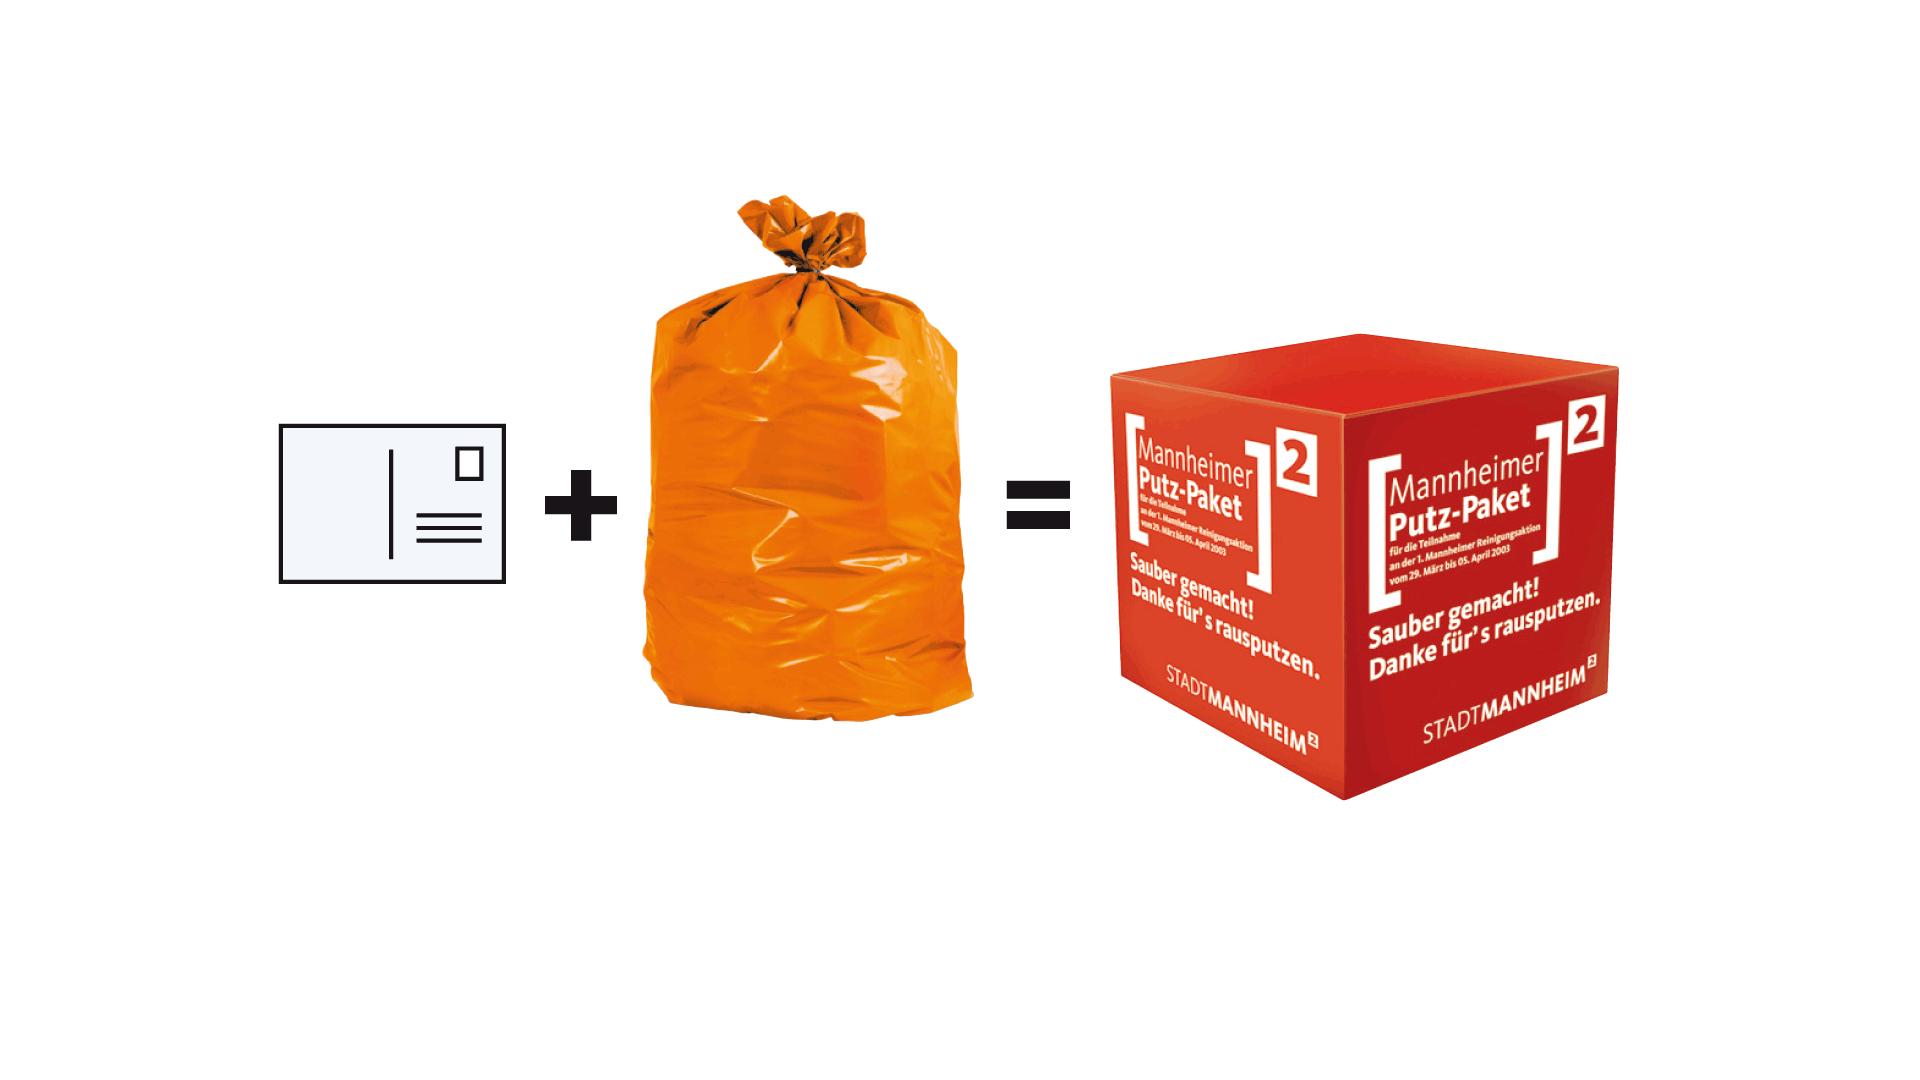 Putz Deine Stadt raus! Kampagne für die Stadt Mannheim, Konzeption und Gestaltung Printmedien